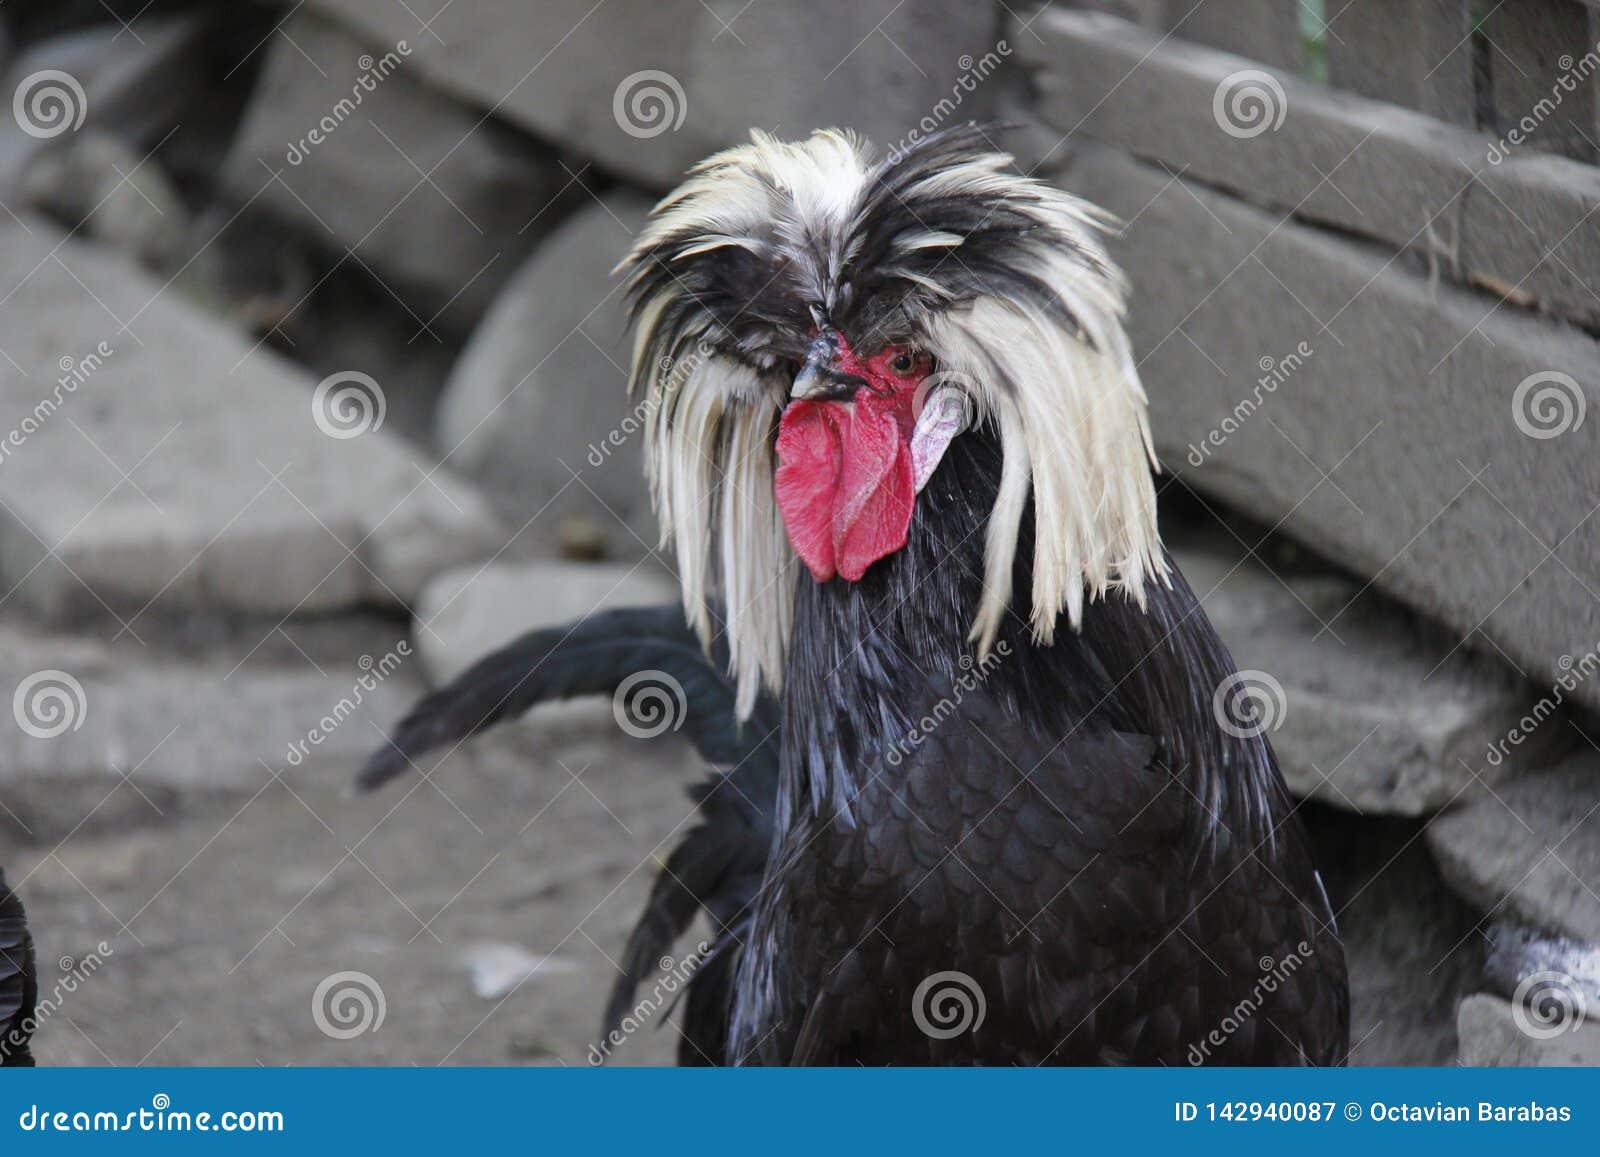 Gallo in bianco e nero peloso su fondo grigio